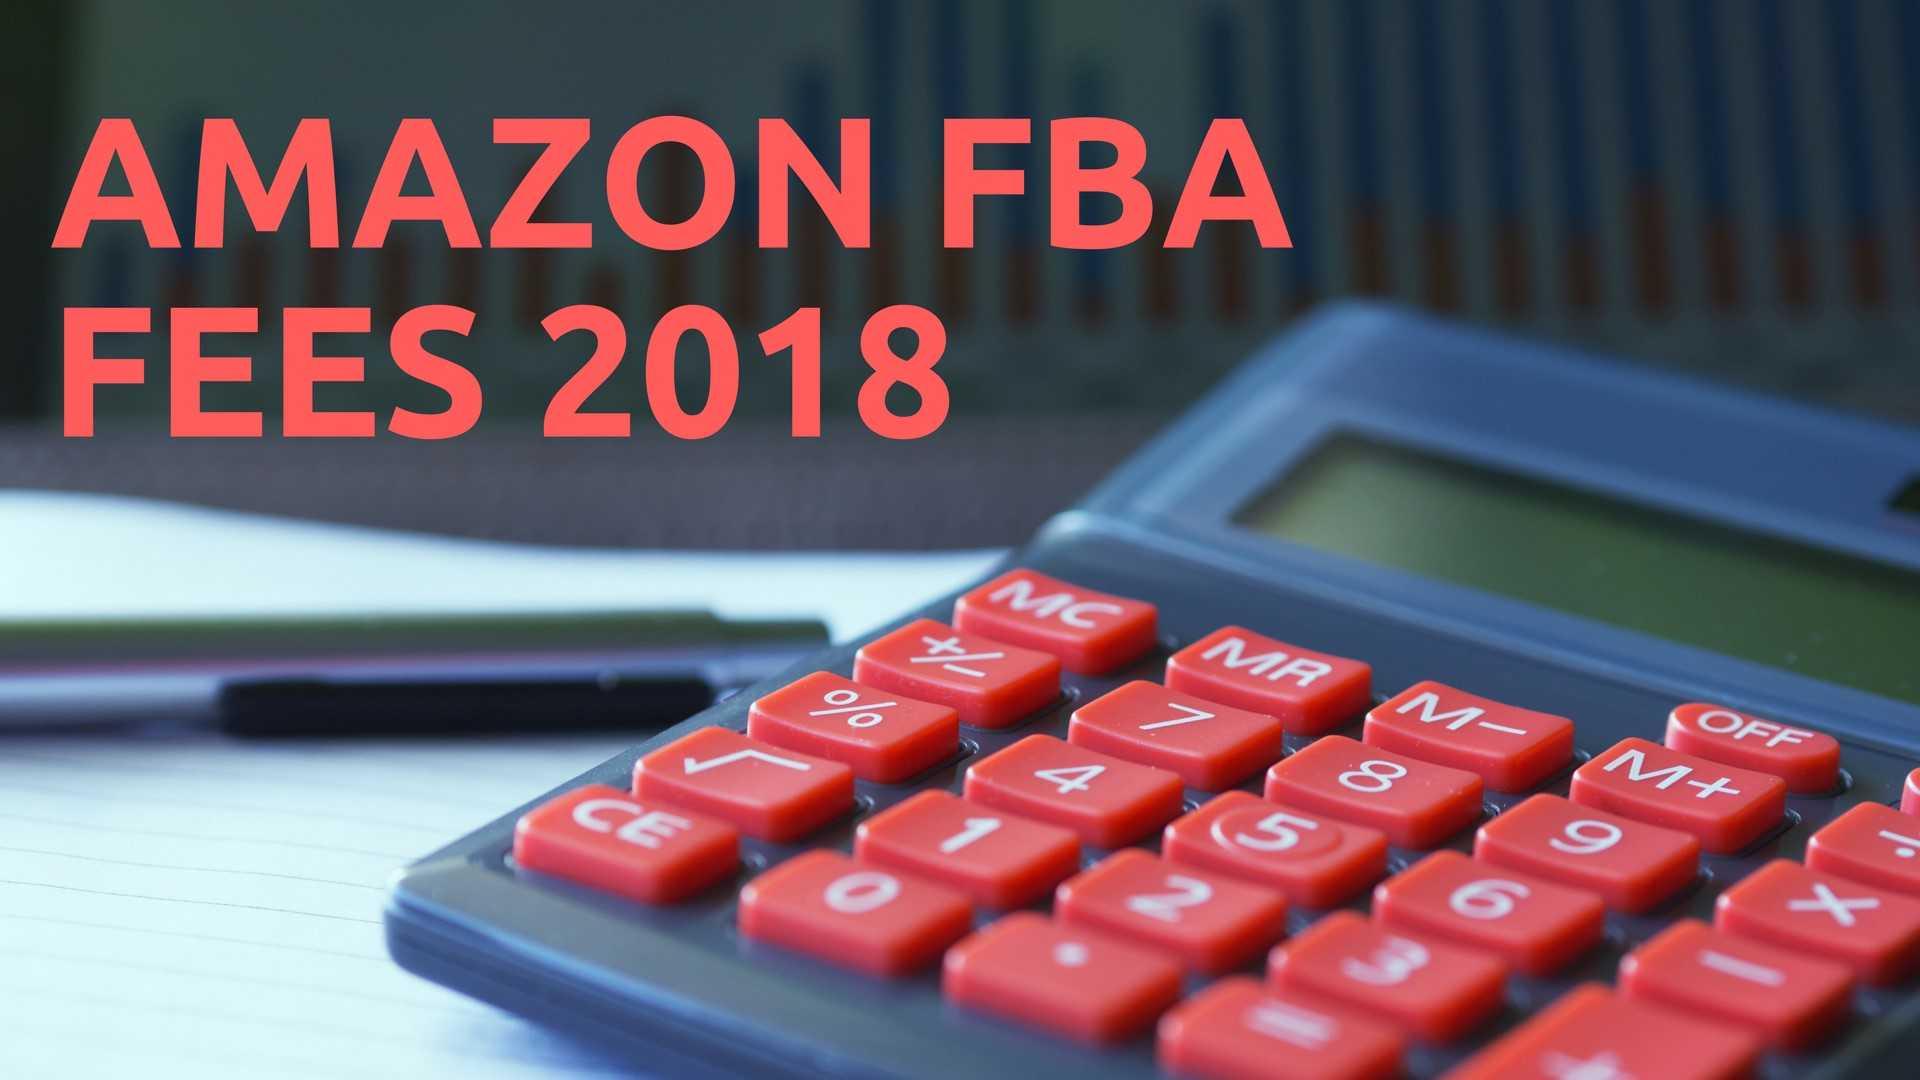 amazon fba fee changes 2018